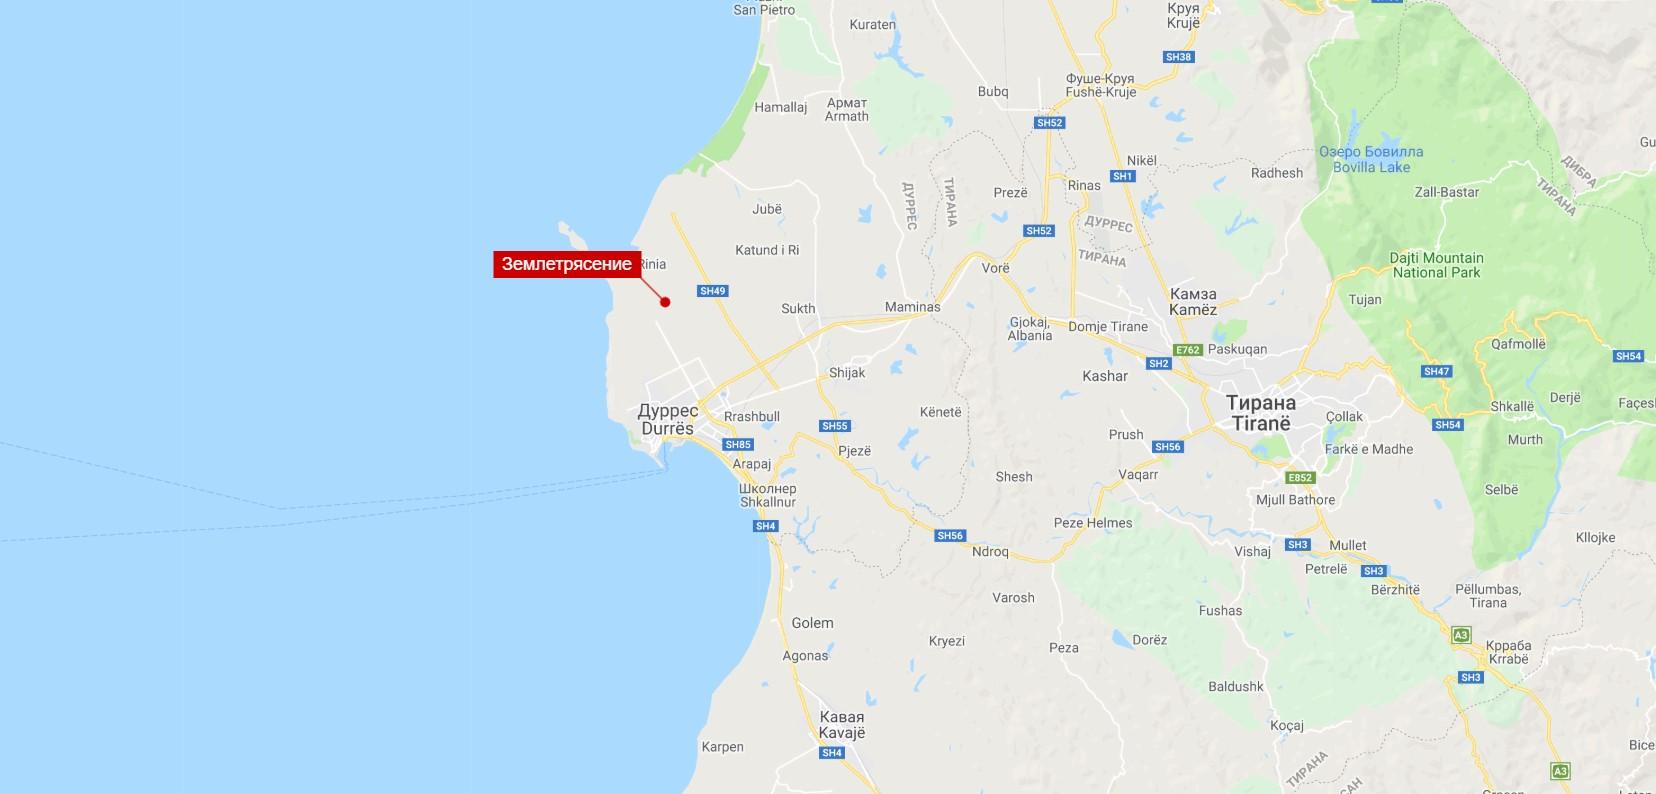 В Албании произошло землетрясение магнитудой 5,6, в результате которого пострадали не менее 37 человек